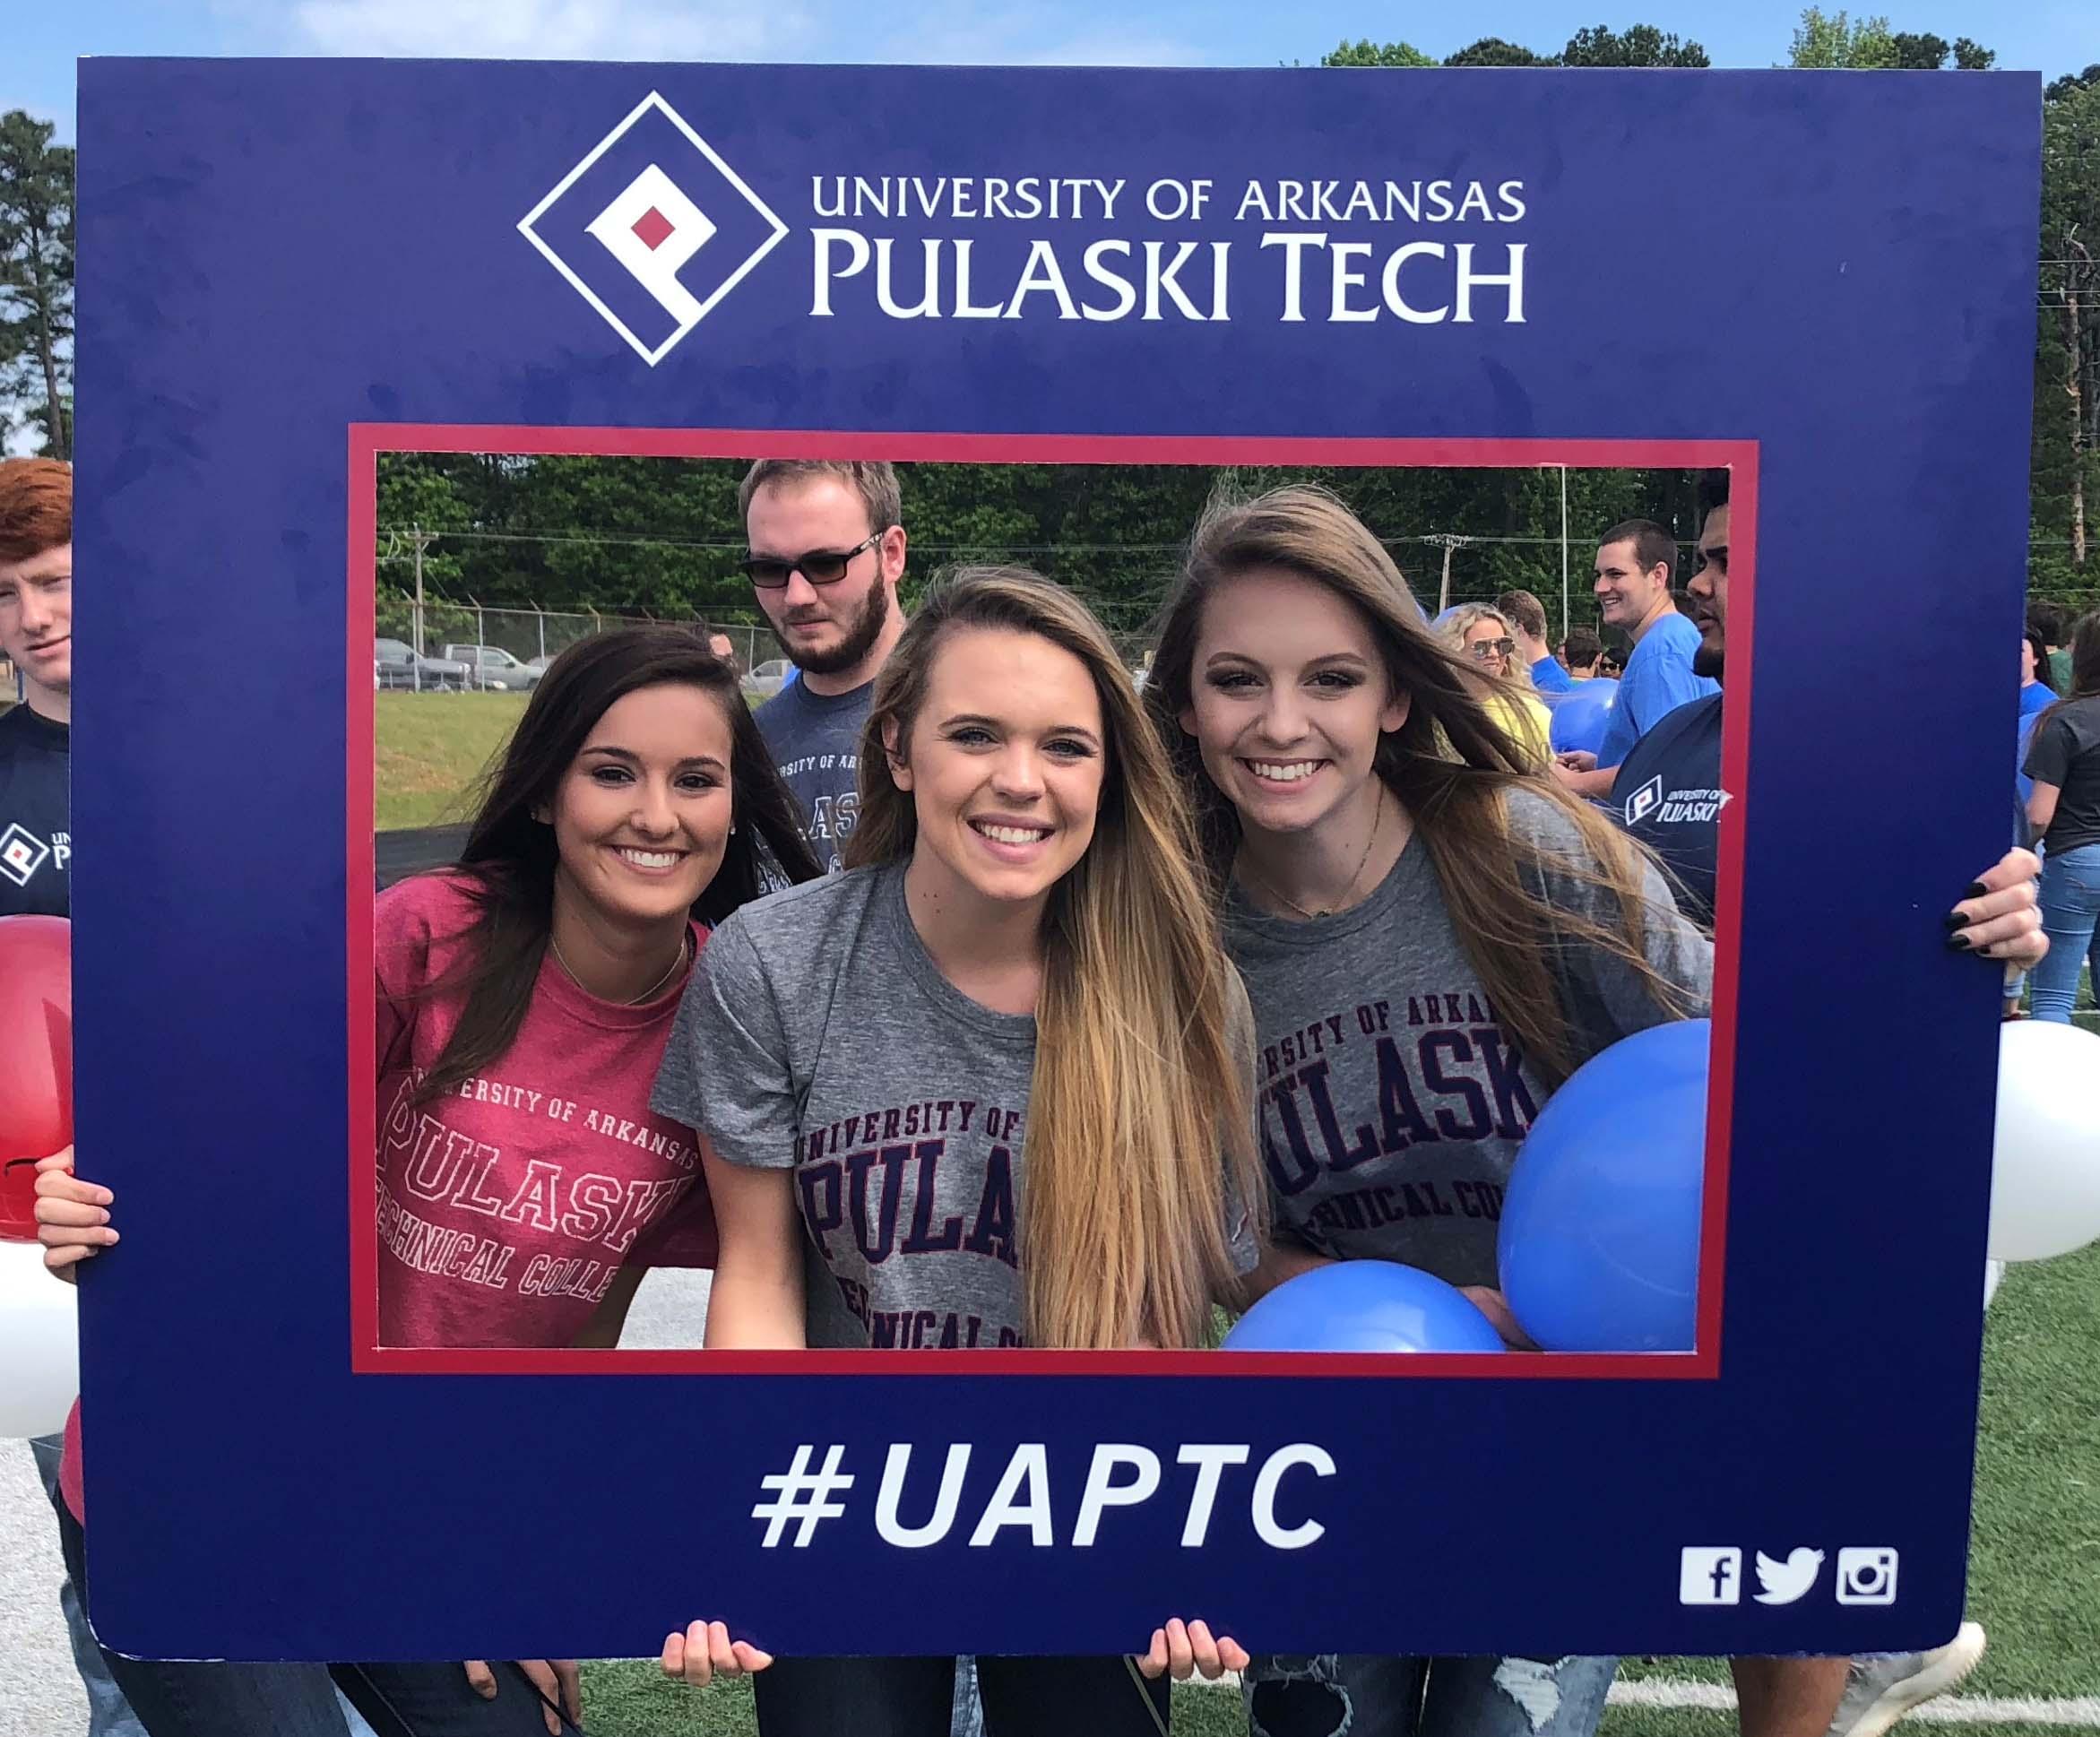 Schedule a visit to UA-PTC!!